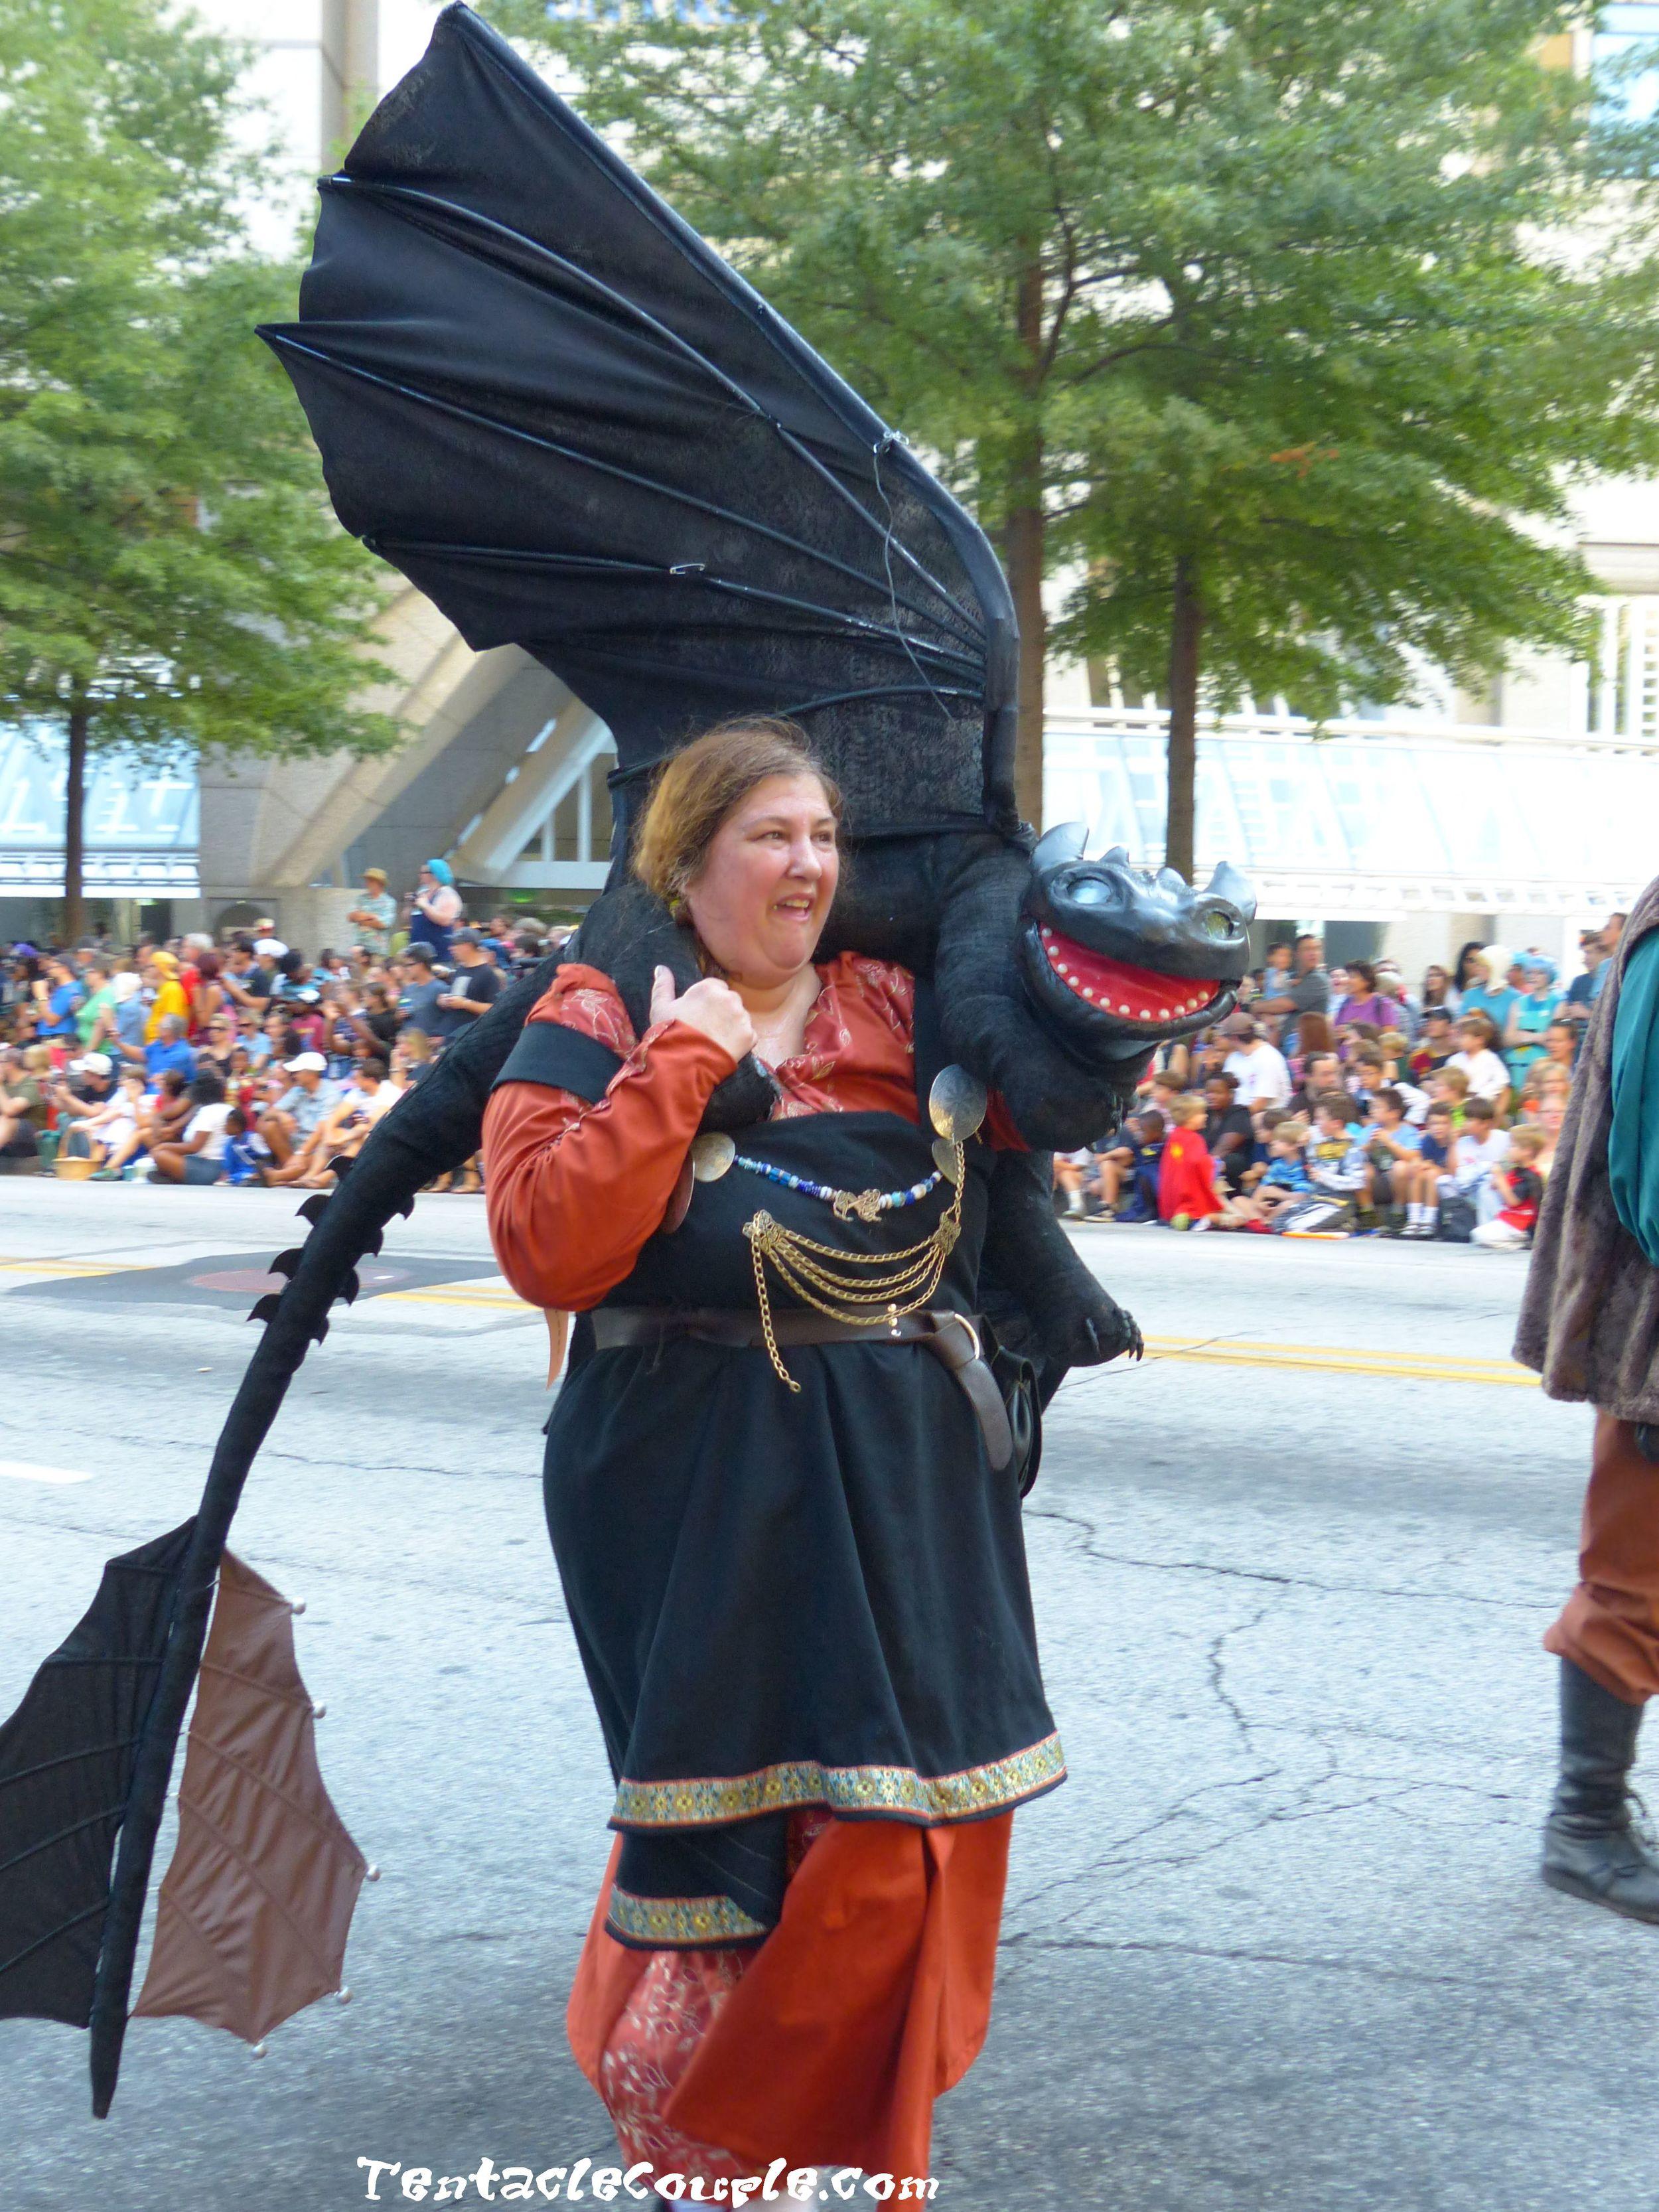 Parade (Photos 101 to 200)